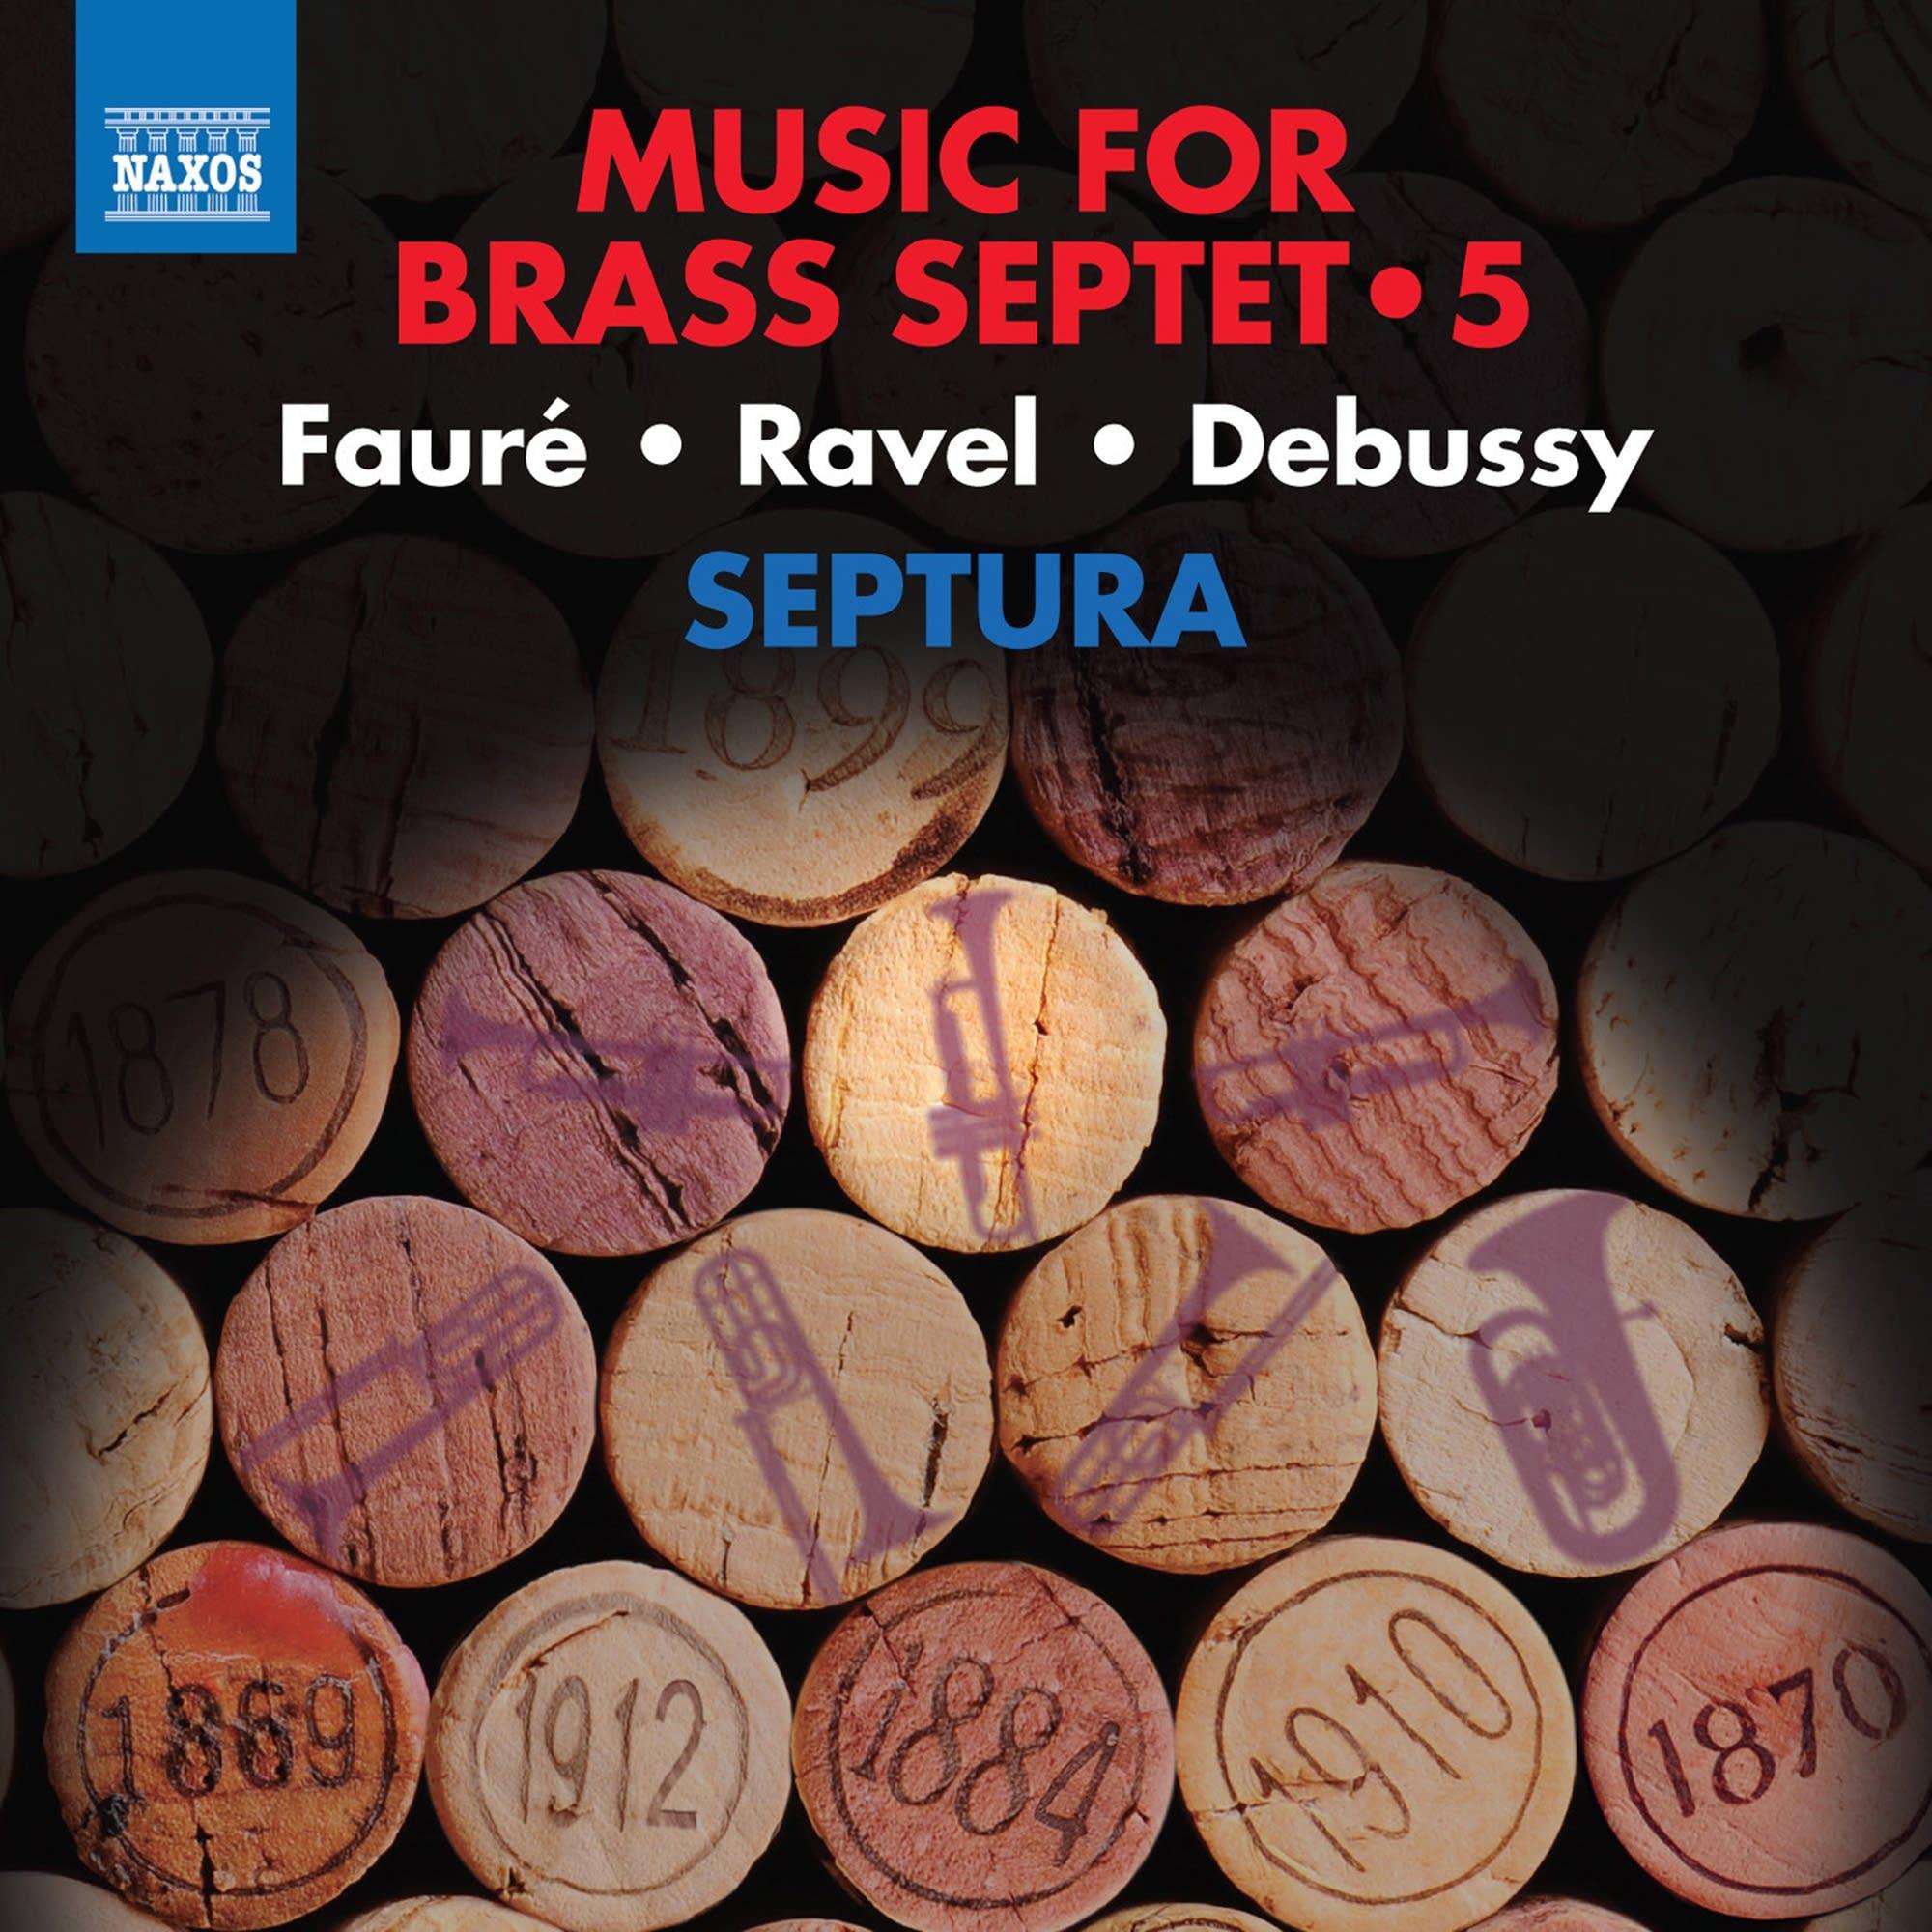 Claude Debussy - La Fille aux cheveux de lin